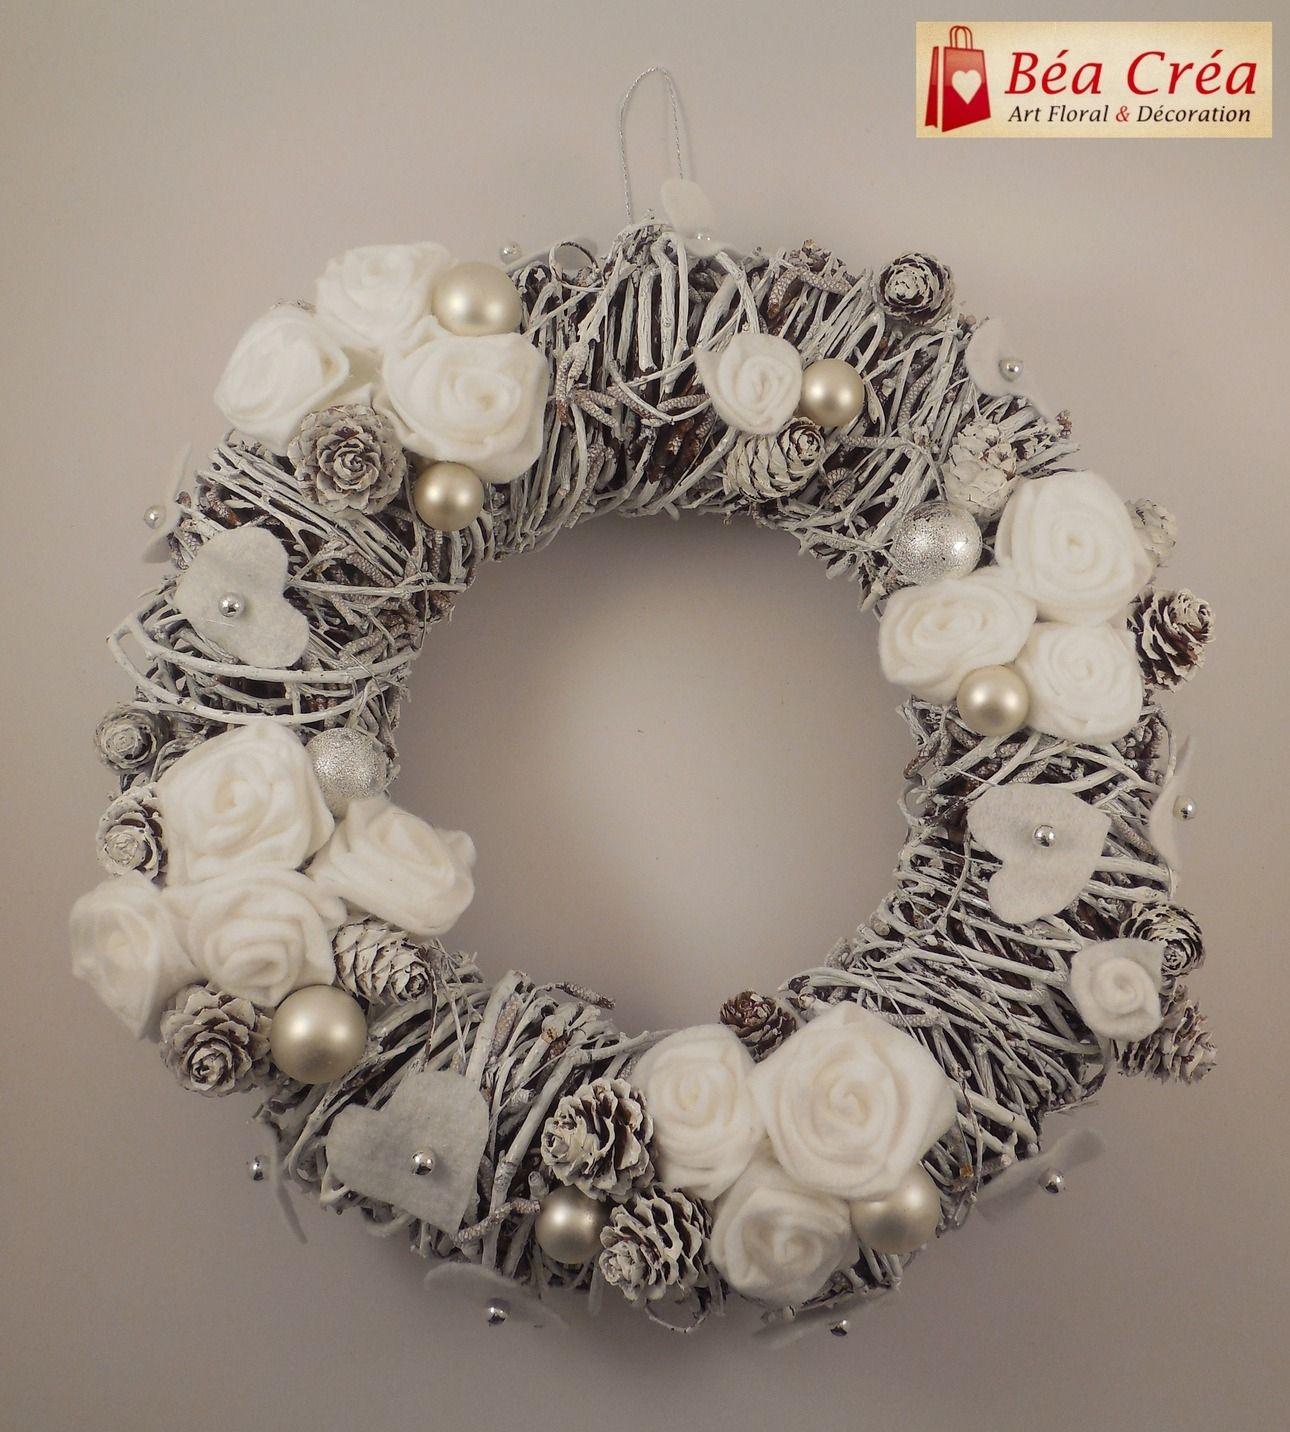 Couronne De Porte Noel Design couronne de bienvenue pour noël (porte) : accessoires de